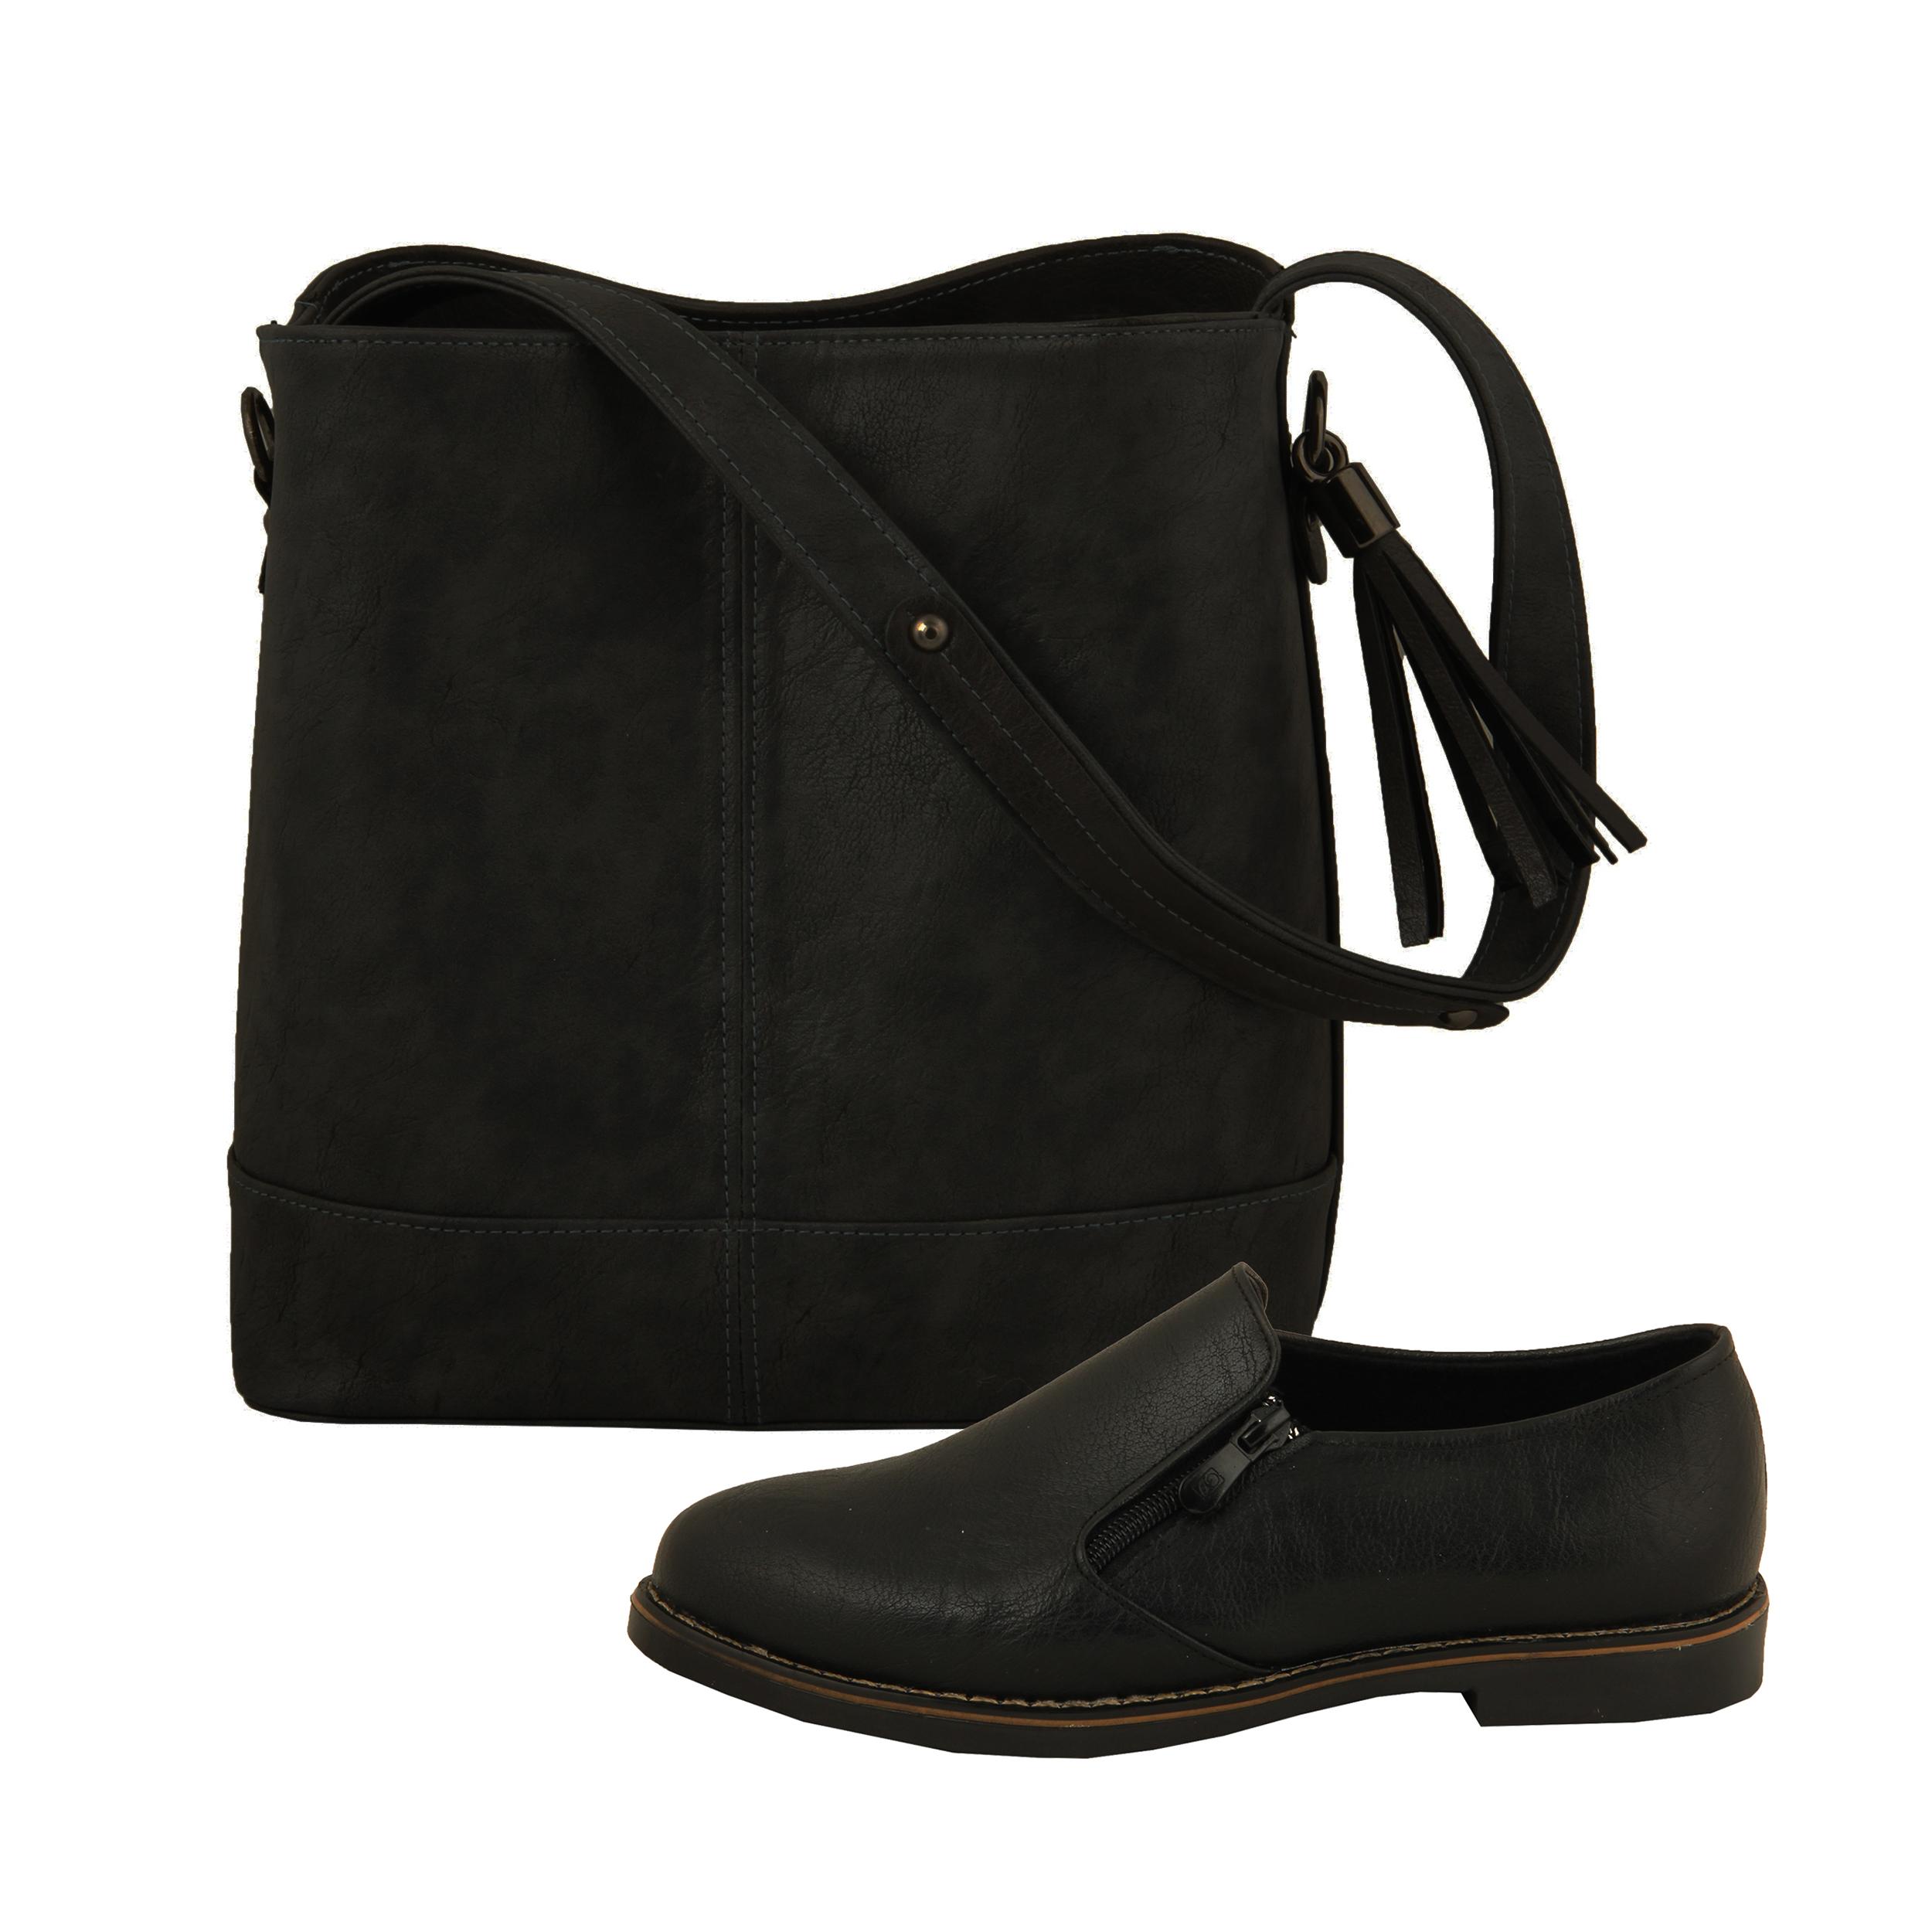 ست کیف و کفش زنانه BAB مدل ترنم کد 910-5 thumb